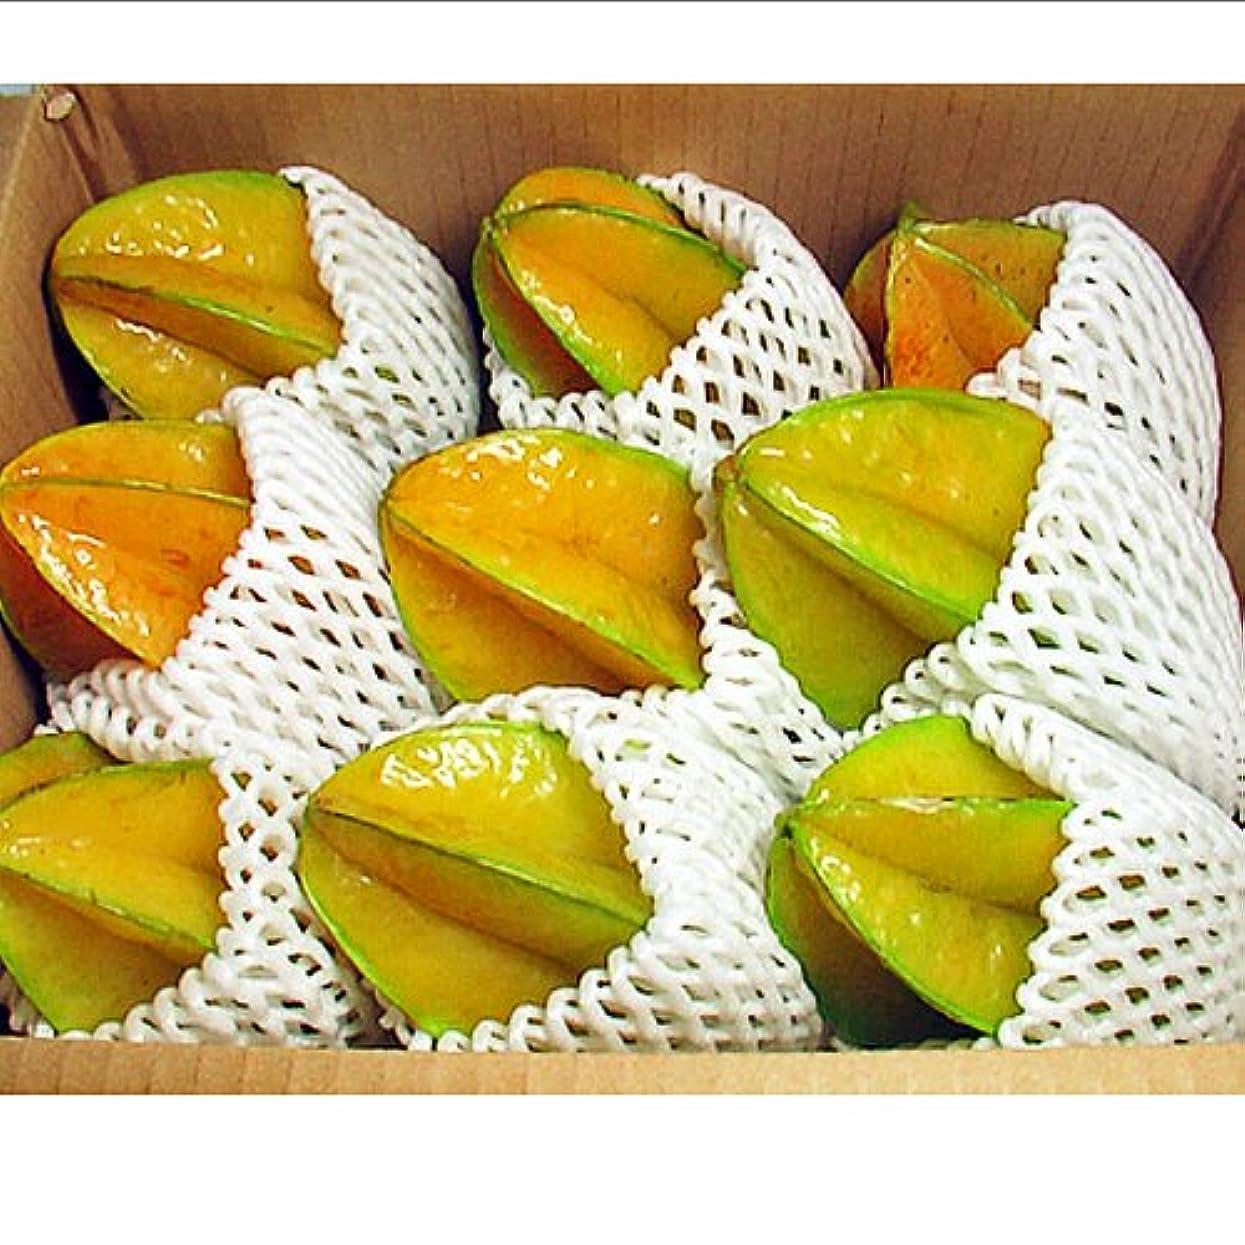 必要とする閲覧するインストラクター沖縄県産 スターフルーツ 約2kg (約4-14玉) ゴレンシ (五斂子) 贈答用におすすめ 星の形をしたユニークな果物